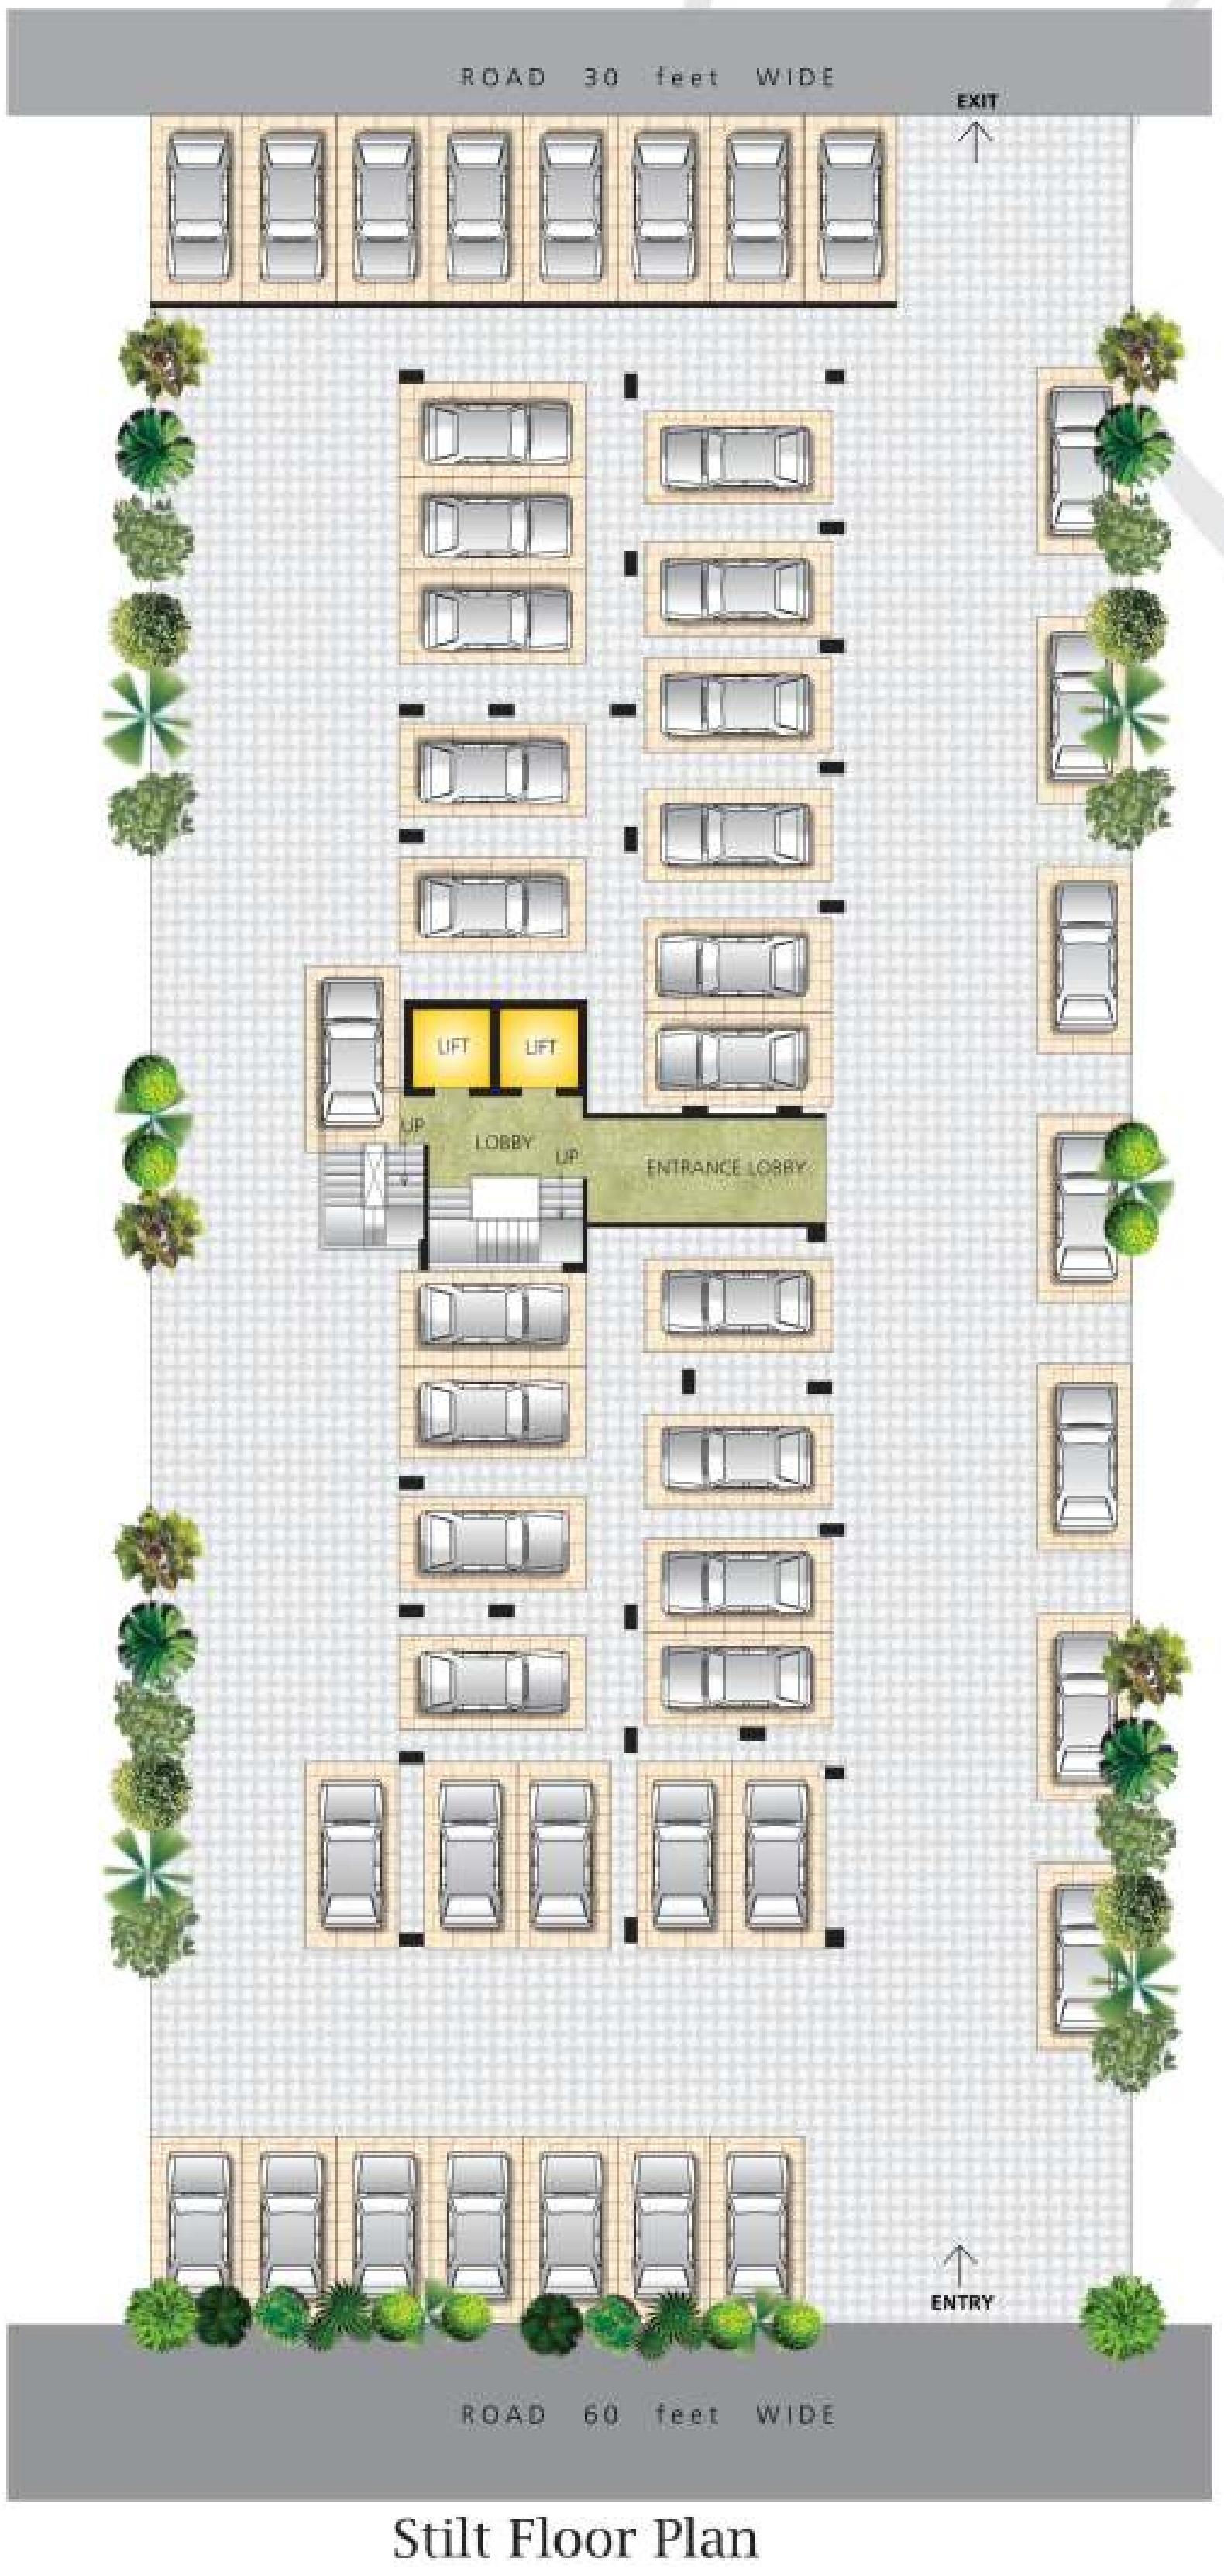 kotecha royal castle by kotecha group in vaishali nagar jaipur 8 22